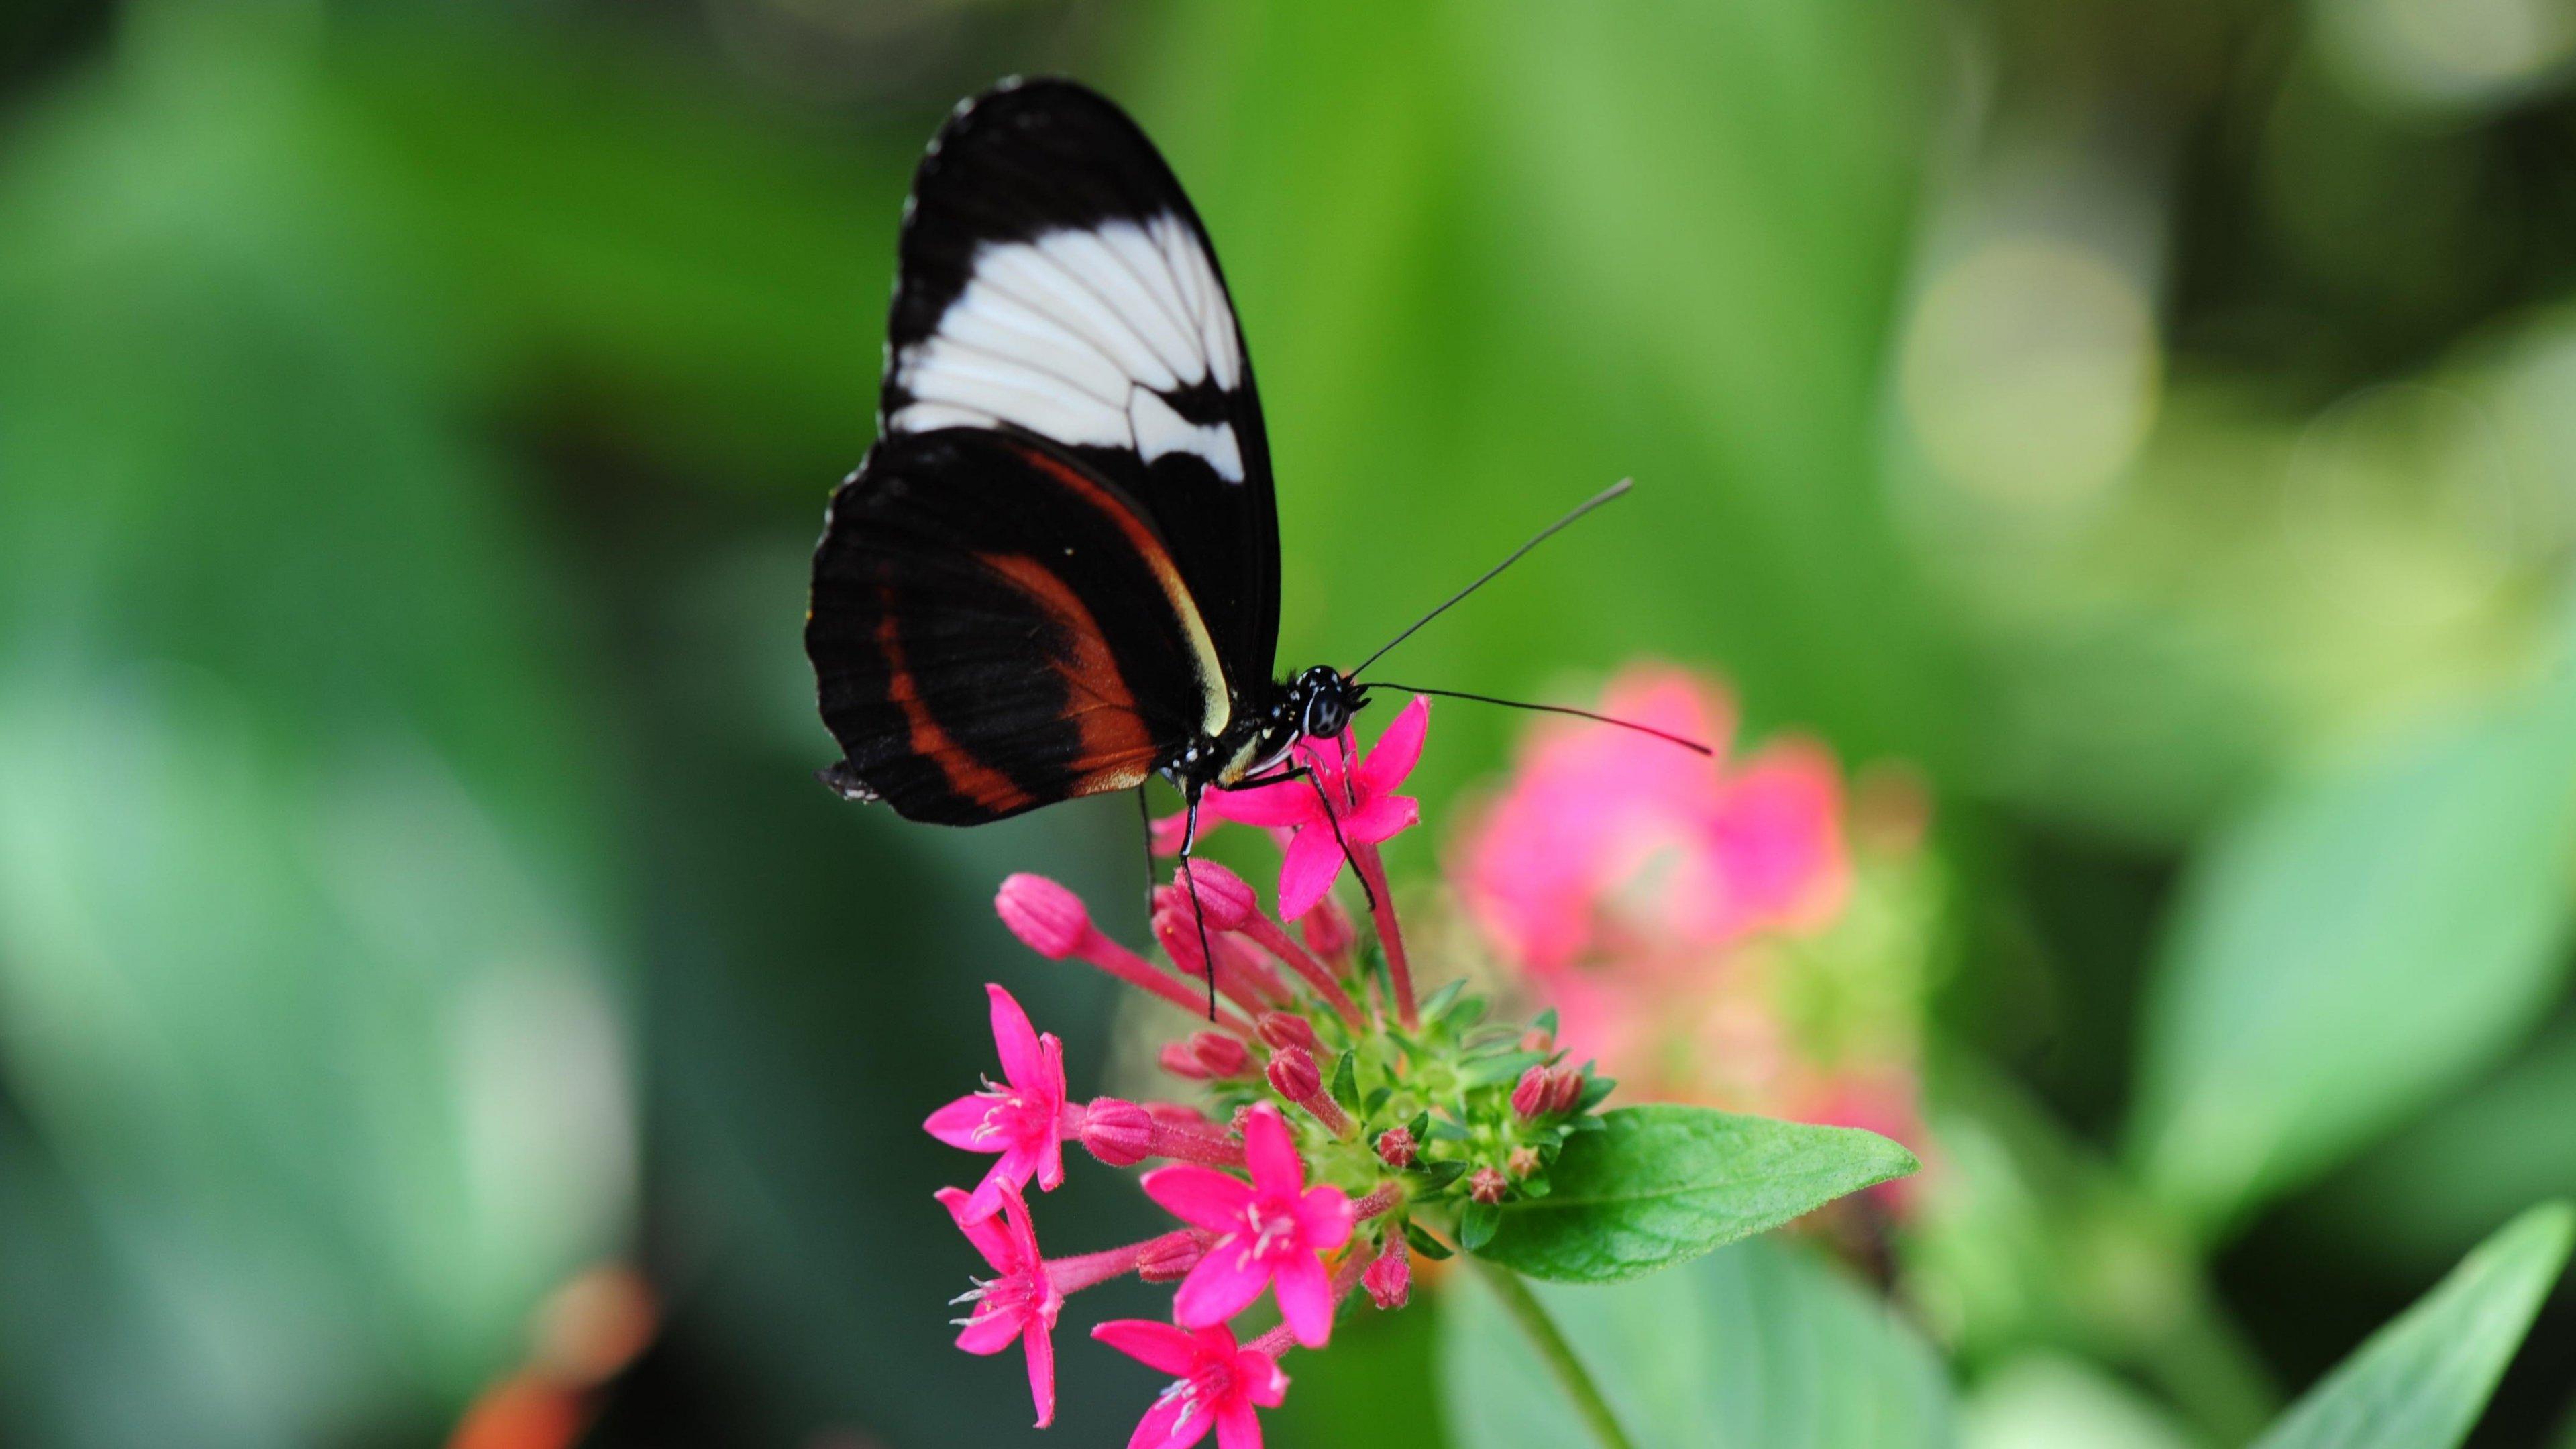 pretty butterfly on pink flower wallpaper - mobile & desktop background